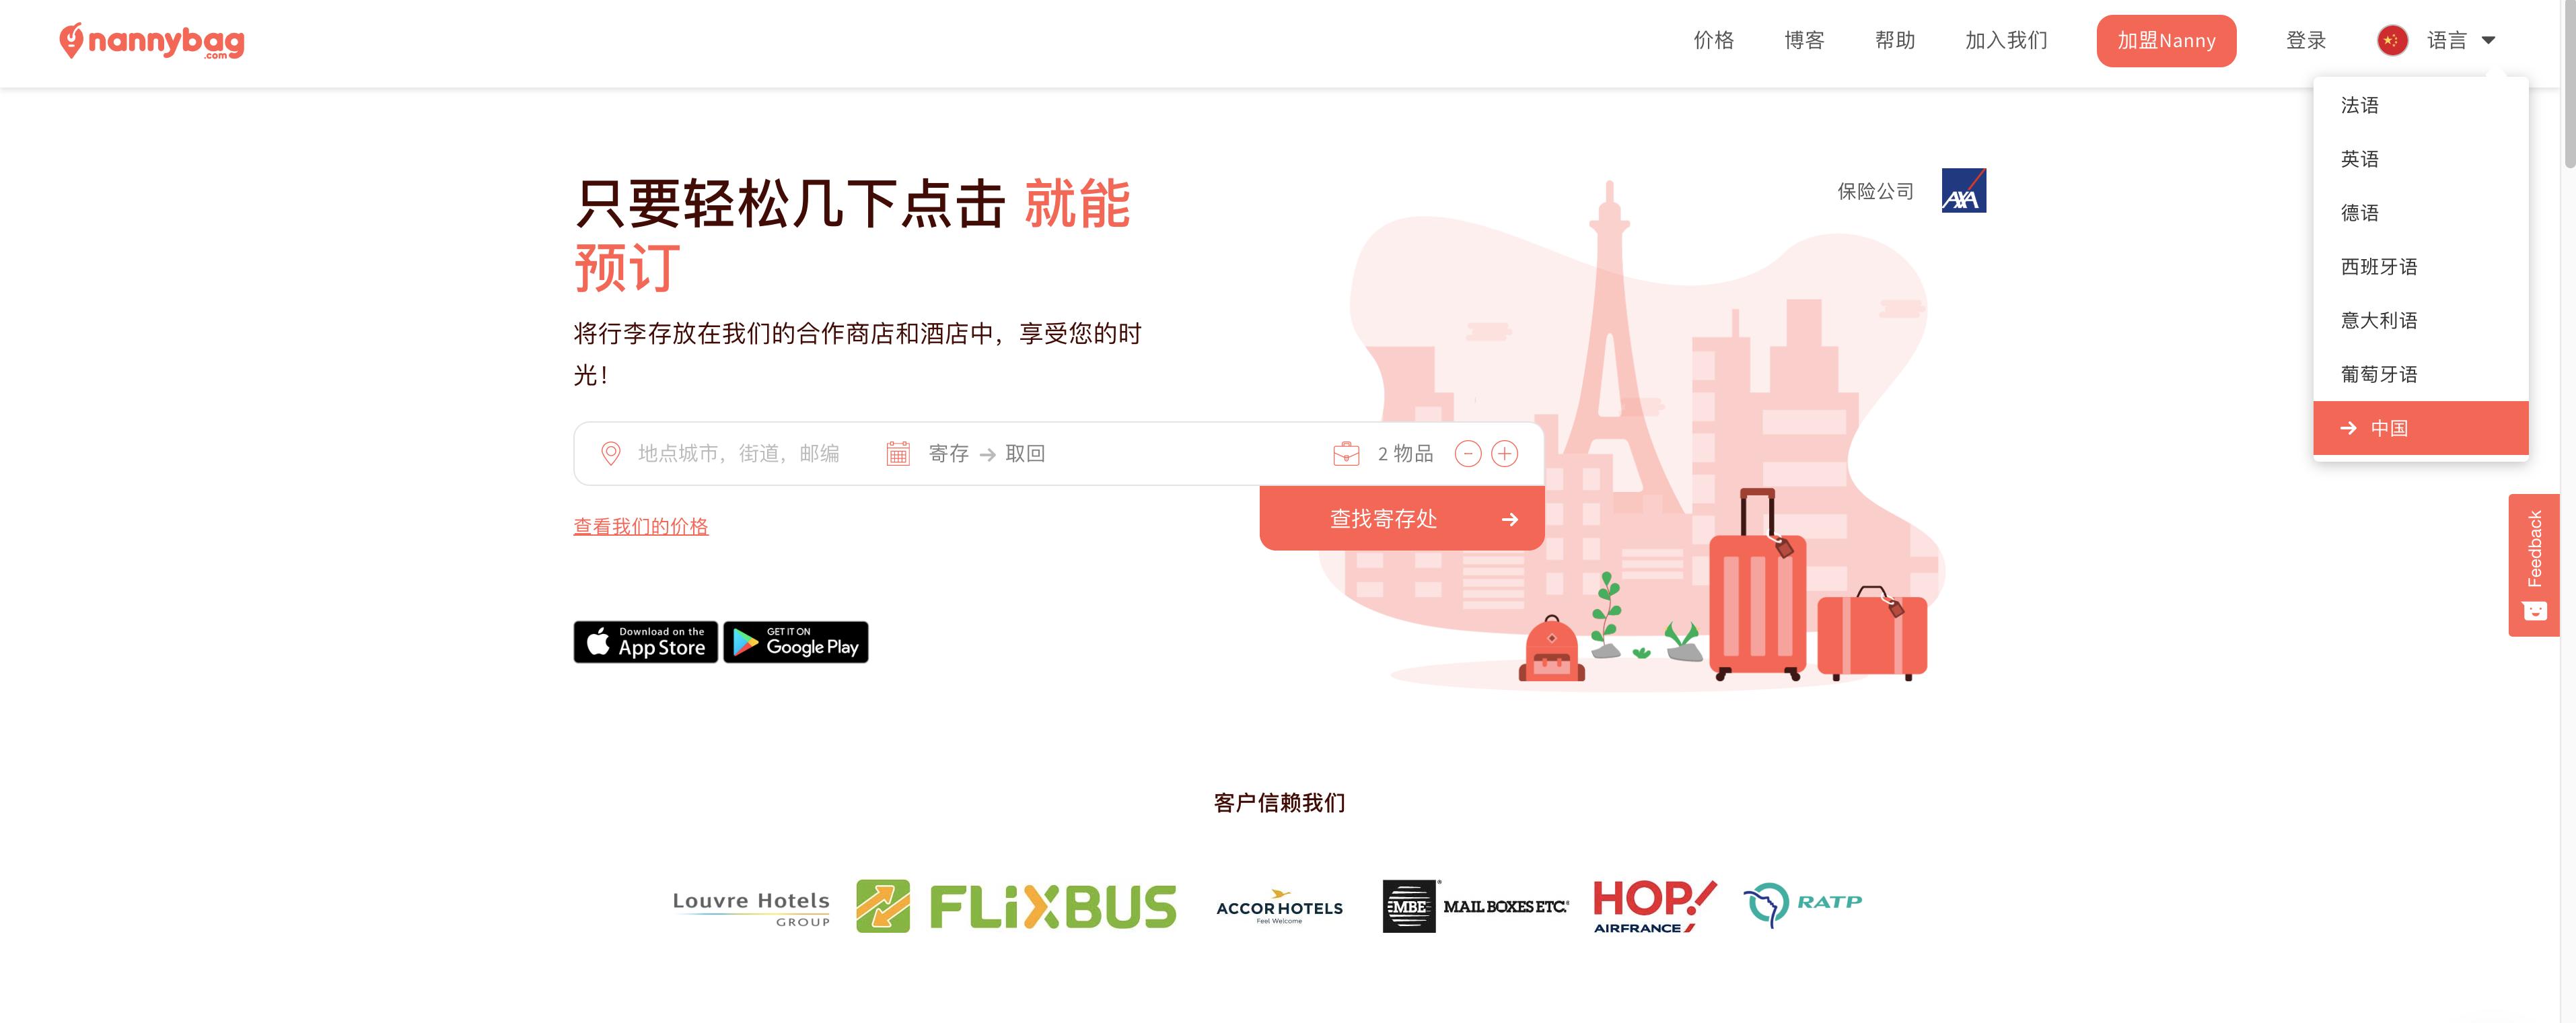 Nannybag|歐洲最大行李寄存網,全世界都可以幫你寄存行李~價格公道、使用方便、網路預約~ @走走停停,小燈泡在旅行